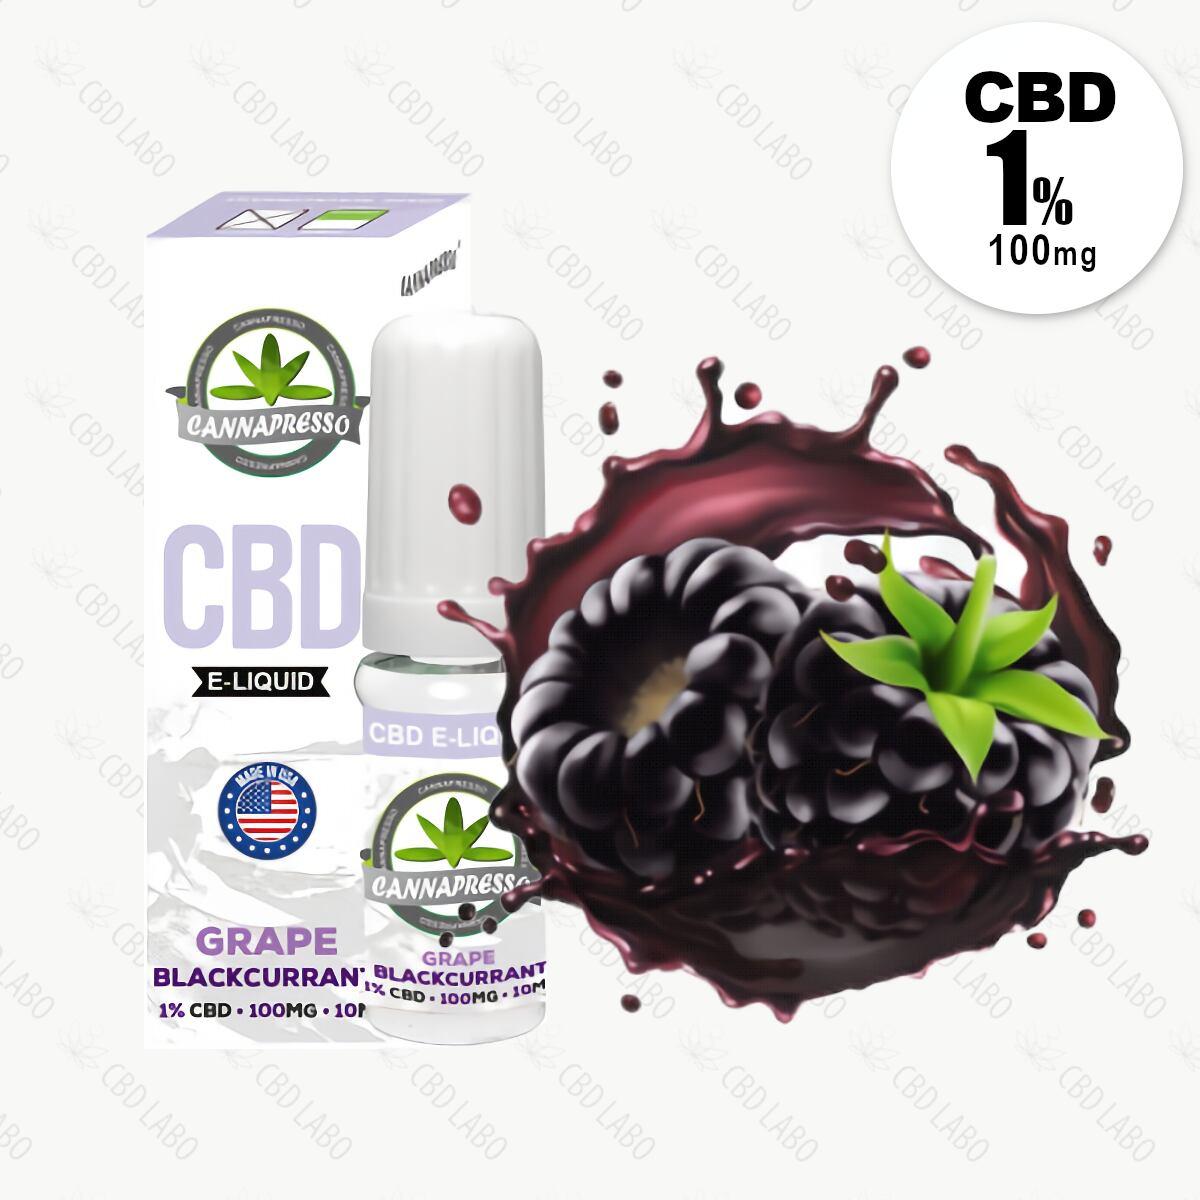 【送料無料】CANNAPRESSO CBDリキッド グレープ・ブラックカラント 10ml CBD含有量100mg (1%)